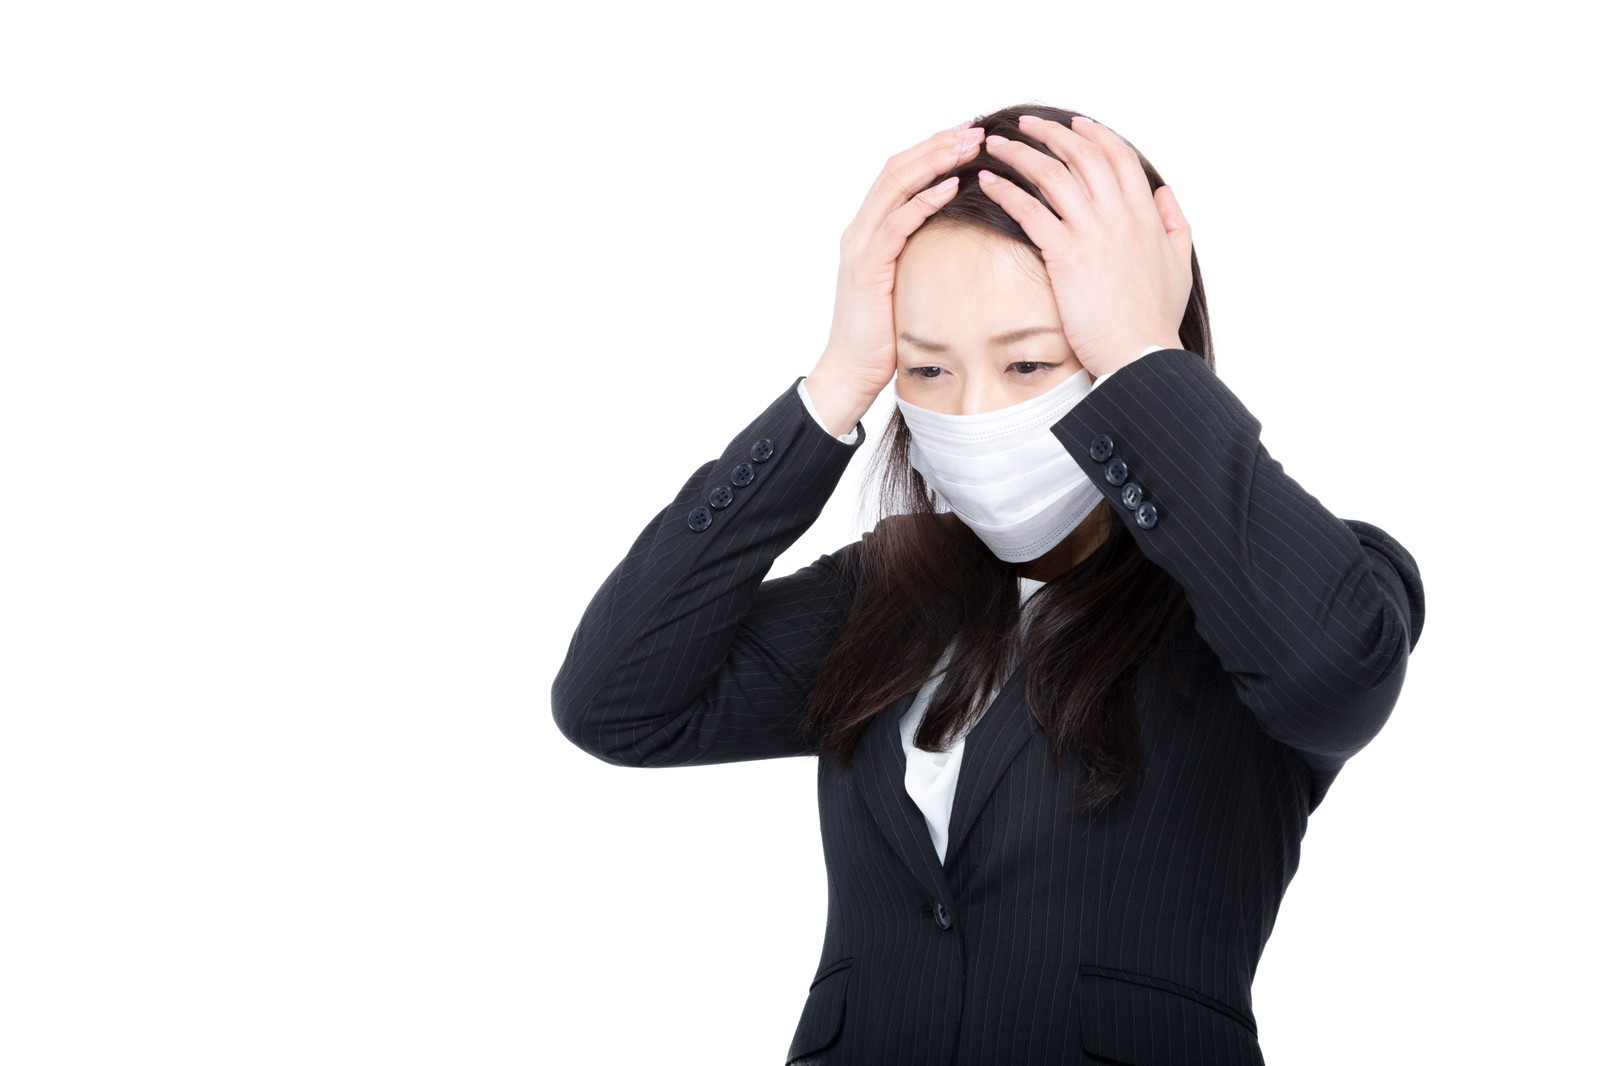 「花粉症かと思ったら風邪だった時花粉症かと思ったら風邪だった時」[モデル:土本寛子]のフリー写真素材を拡大